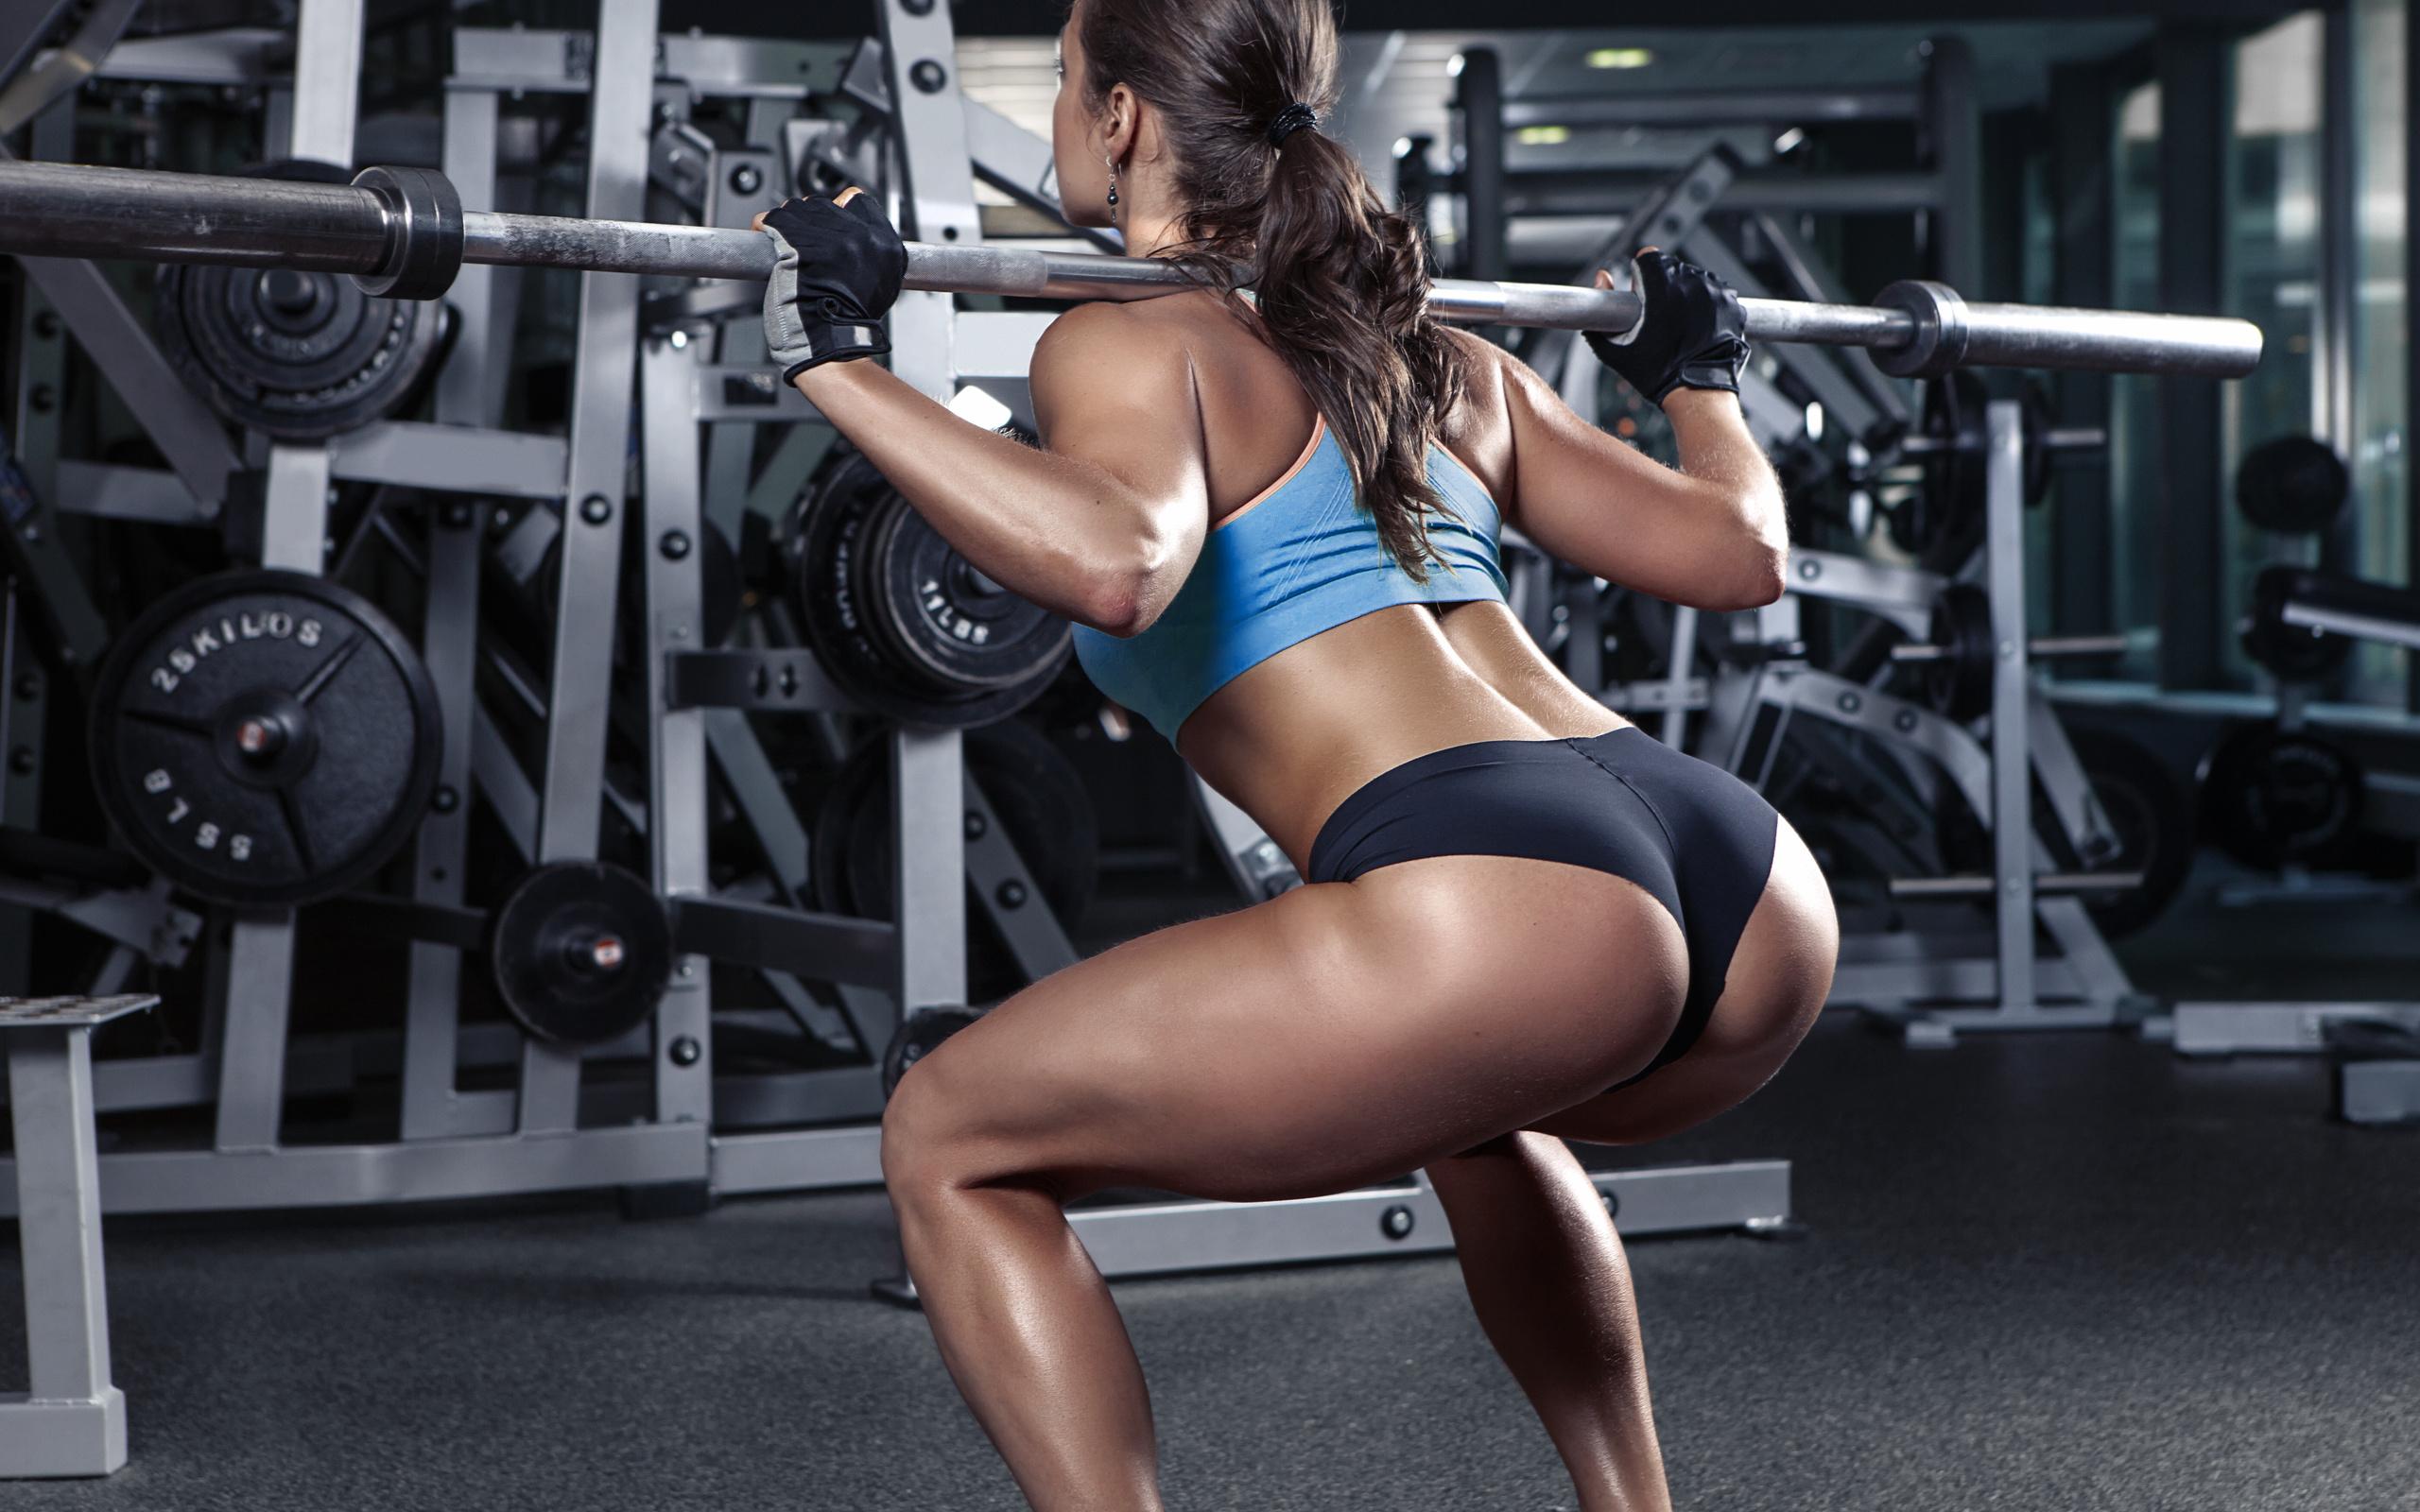 В спортзале девушки попки